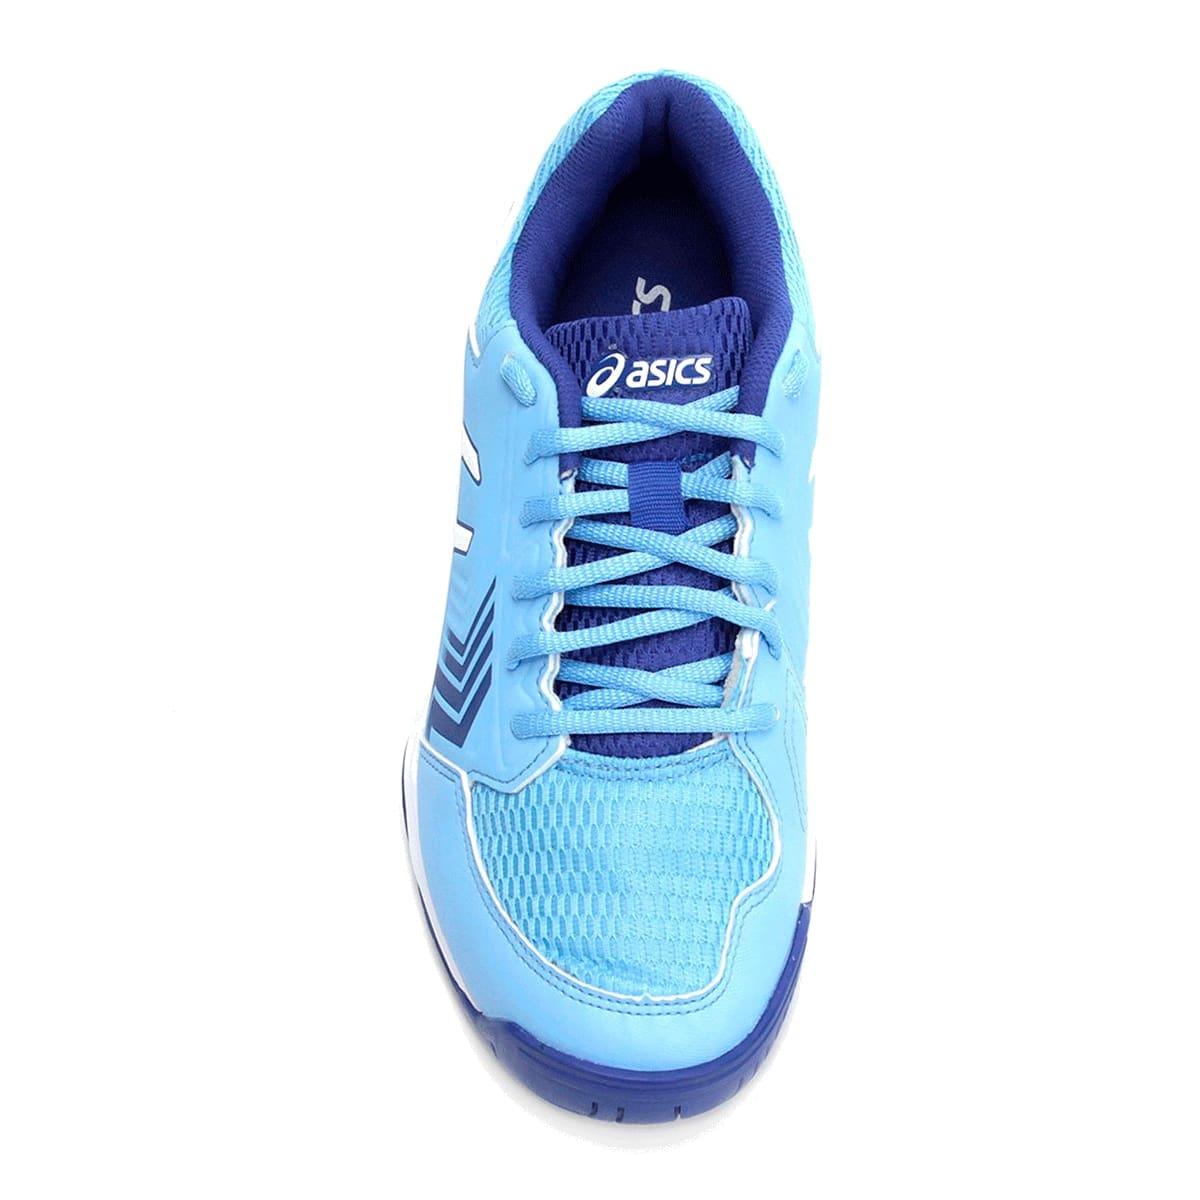 Tênis Asics Gel-Dedicate 5A Feminino Azul Claro Branco